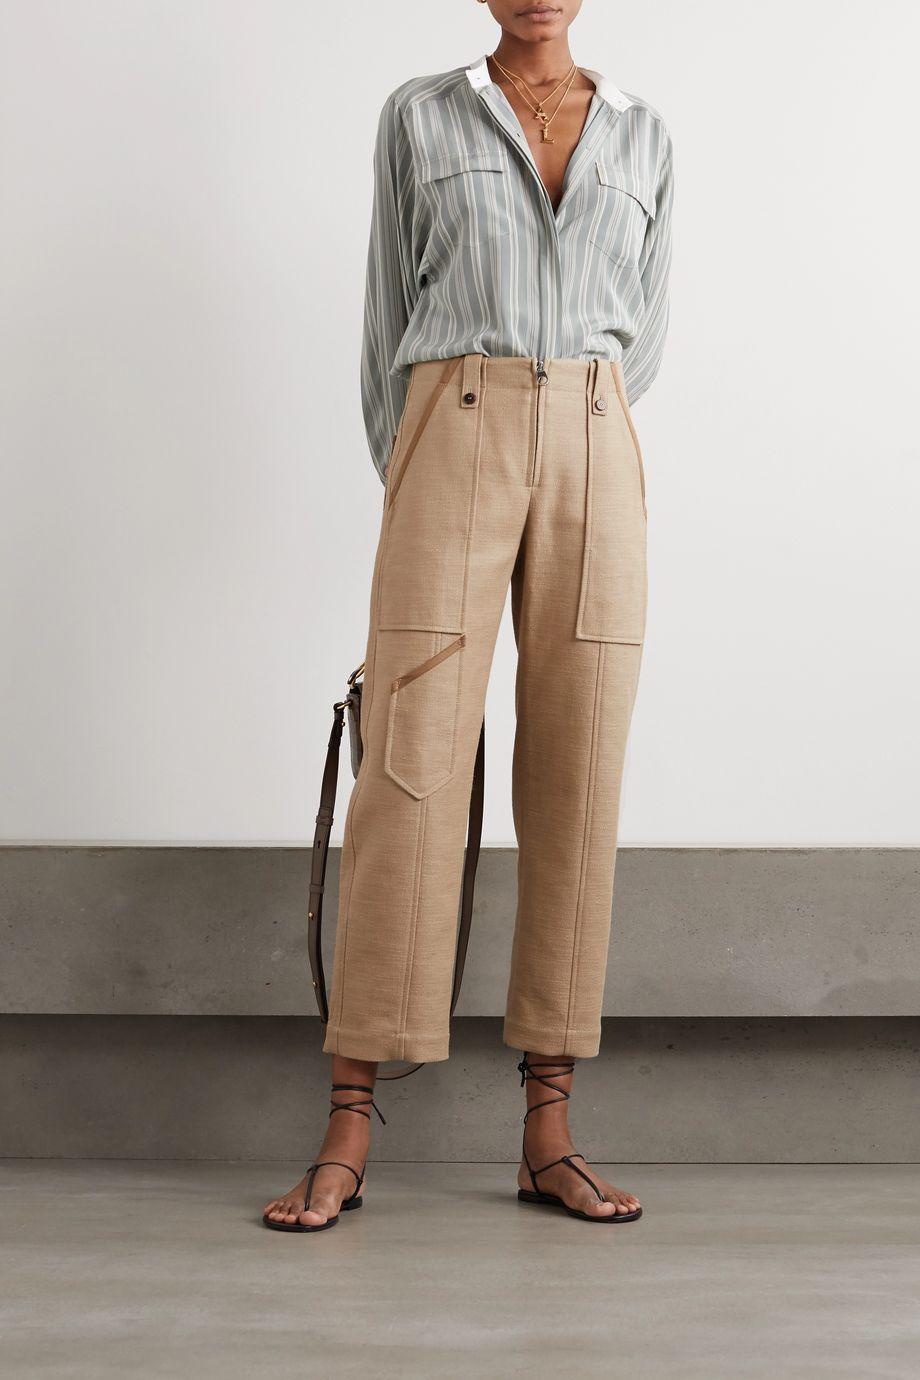 Chloé Cropped linen and cotton-blend wide-leg pants